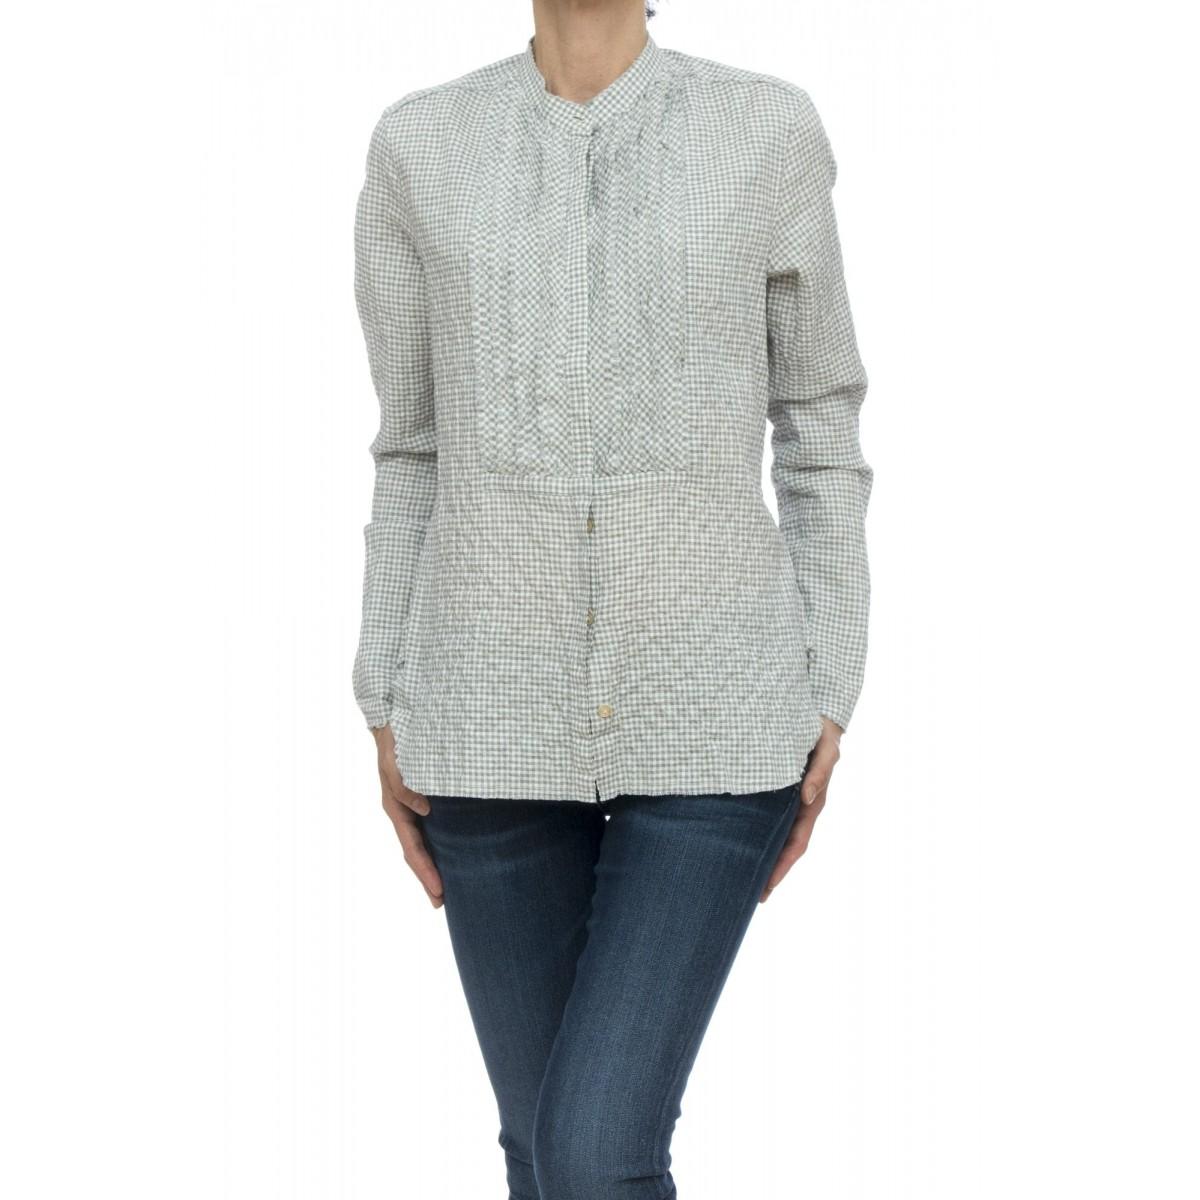 Camicia donna - Zb6 rr9